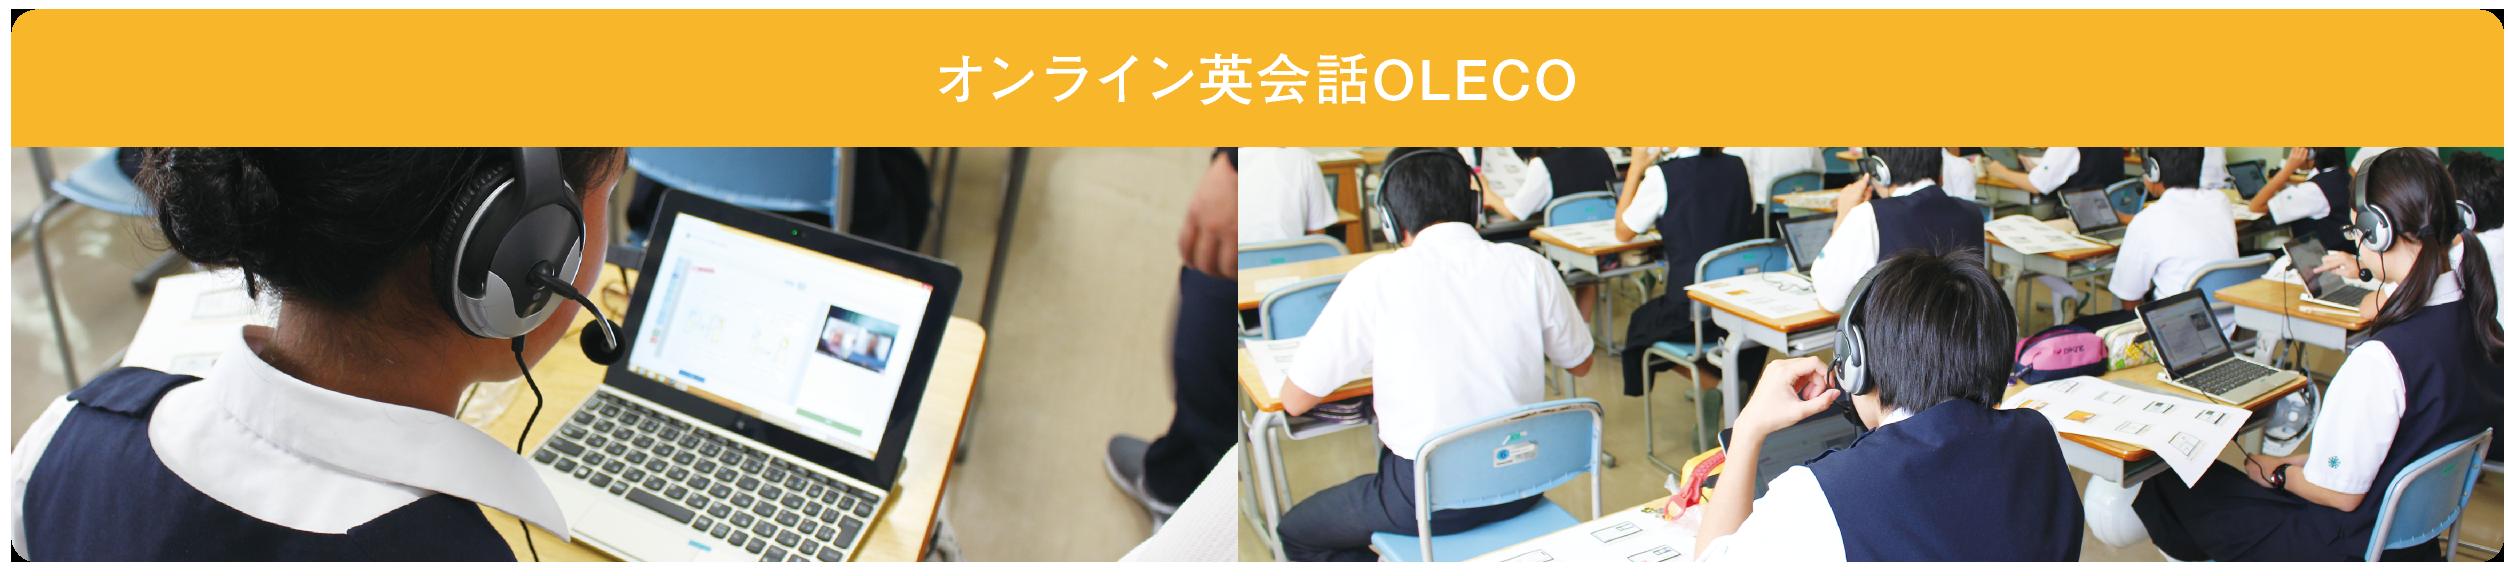 studylab_teikyou_oleco_03